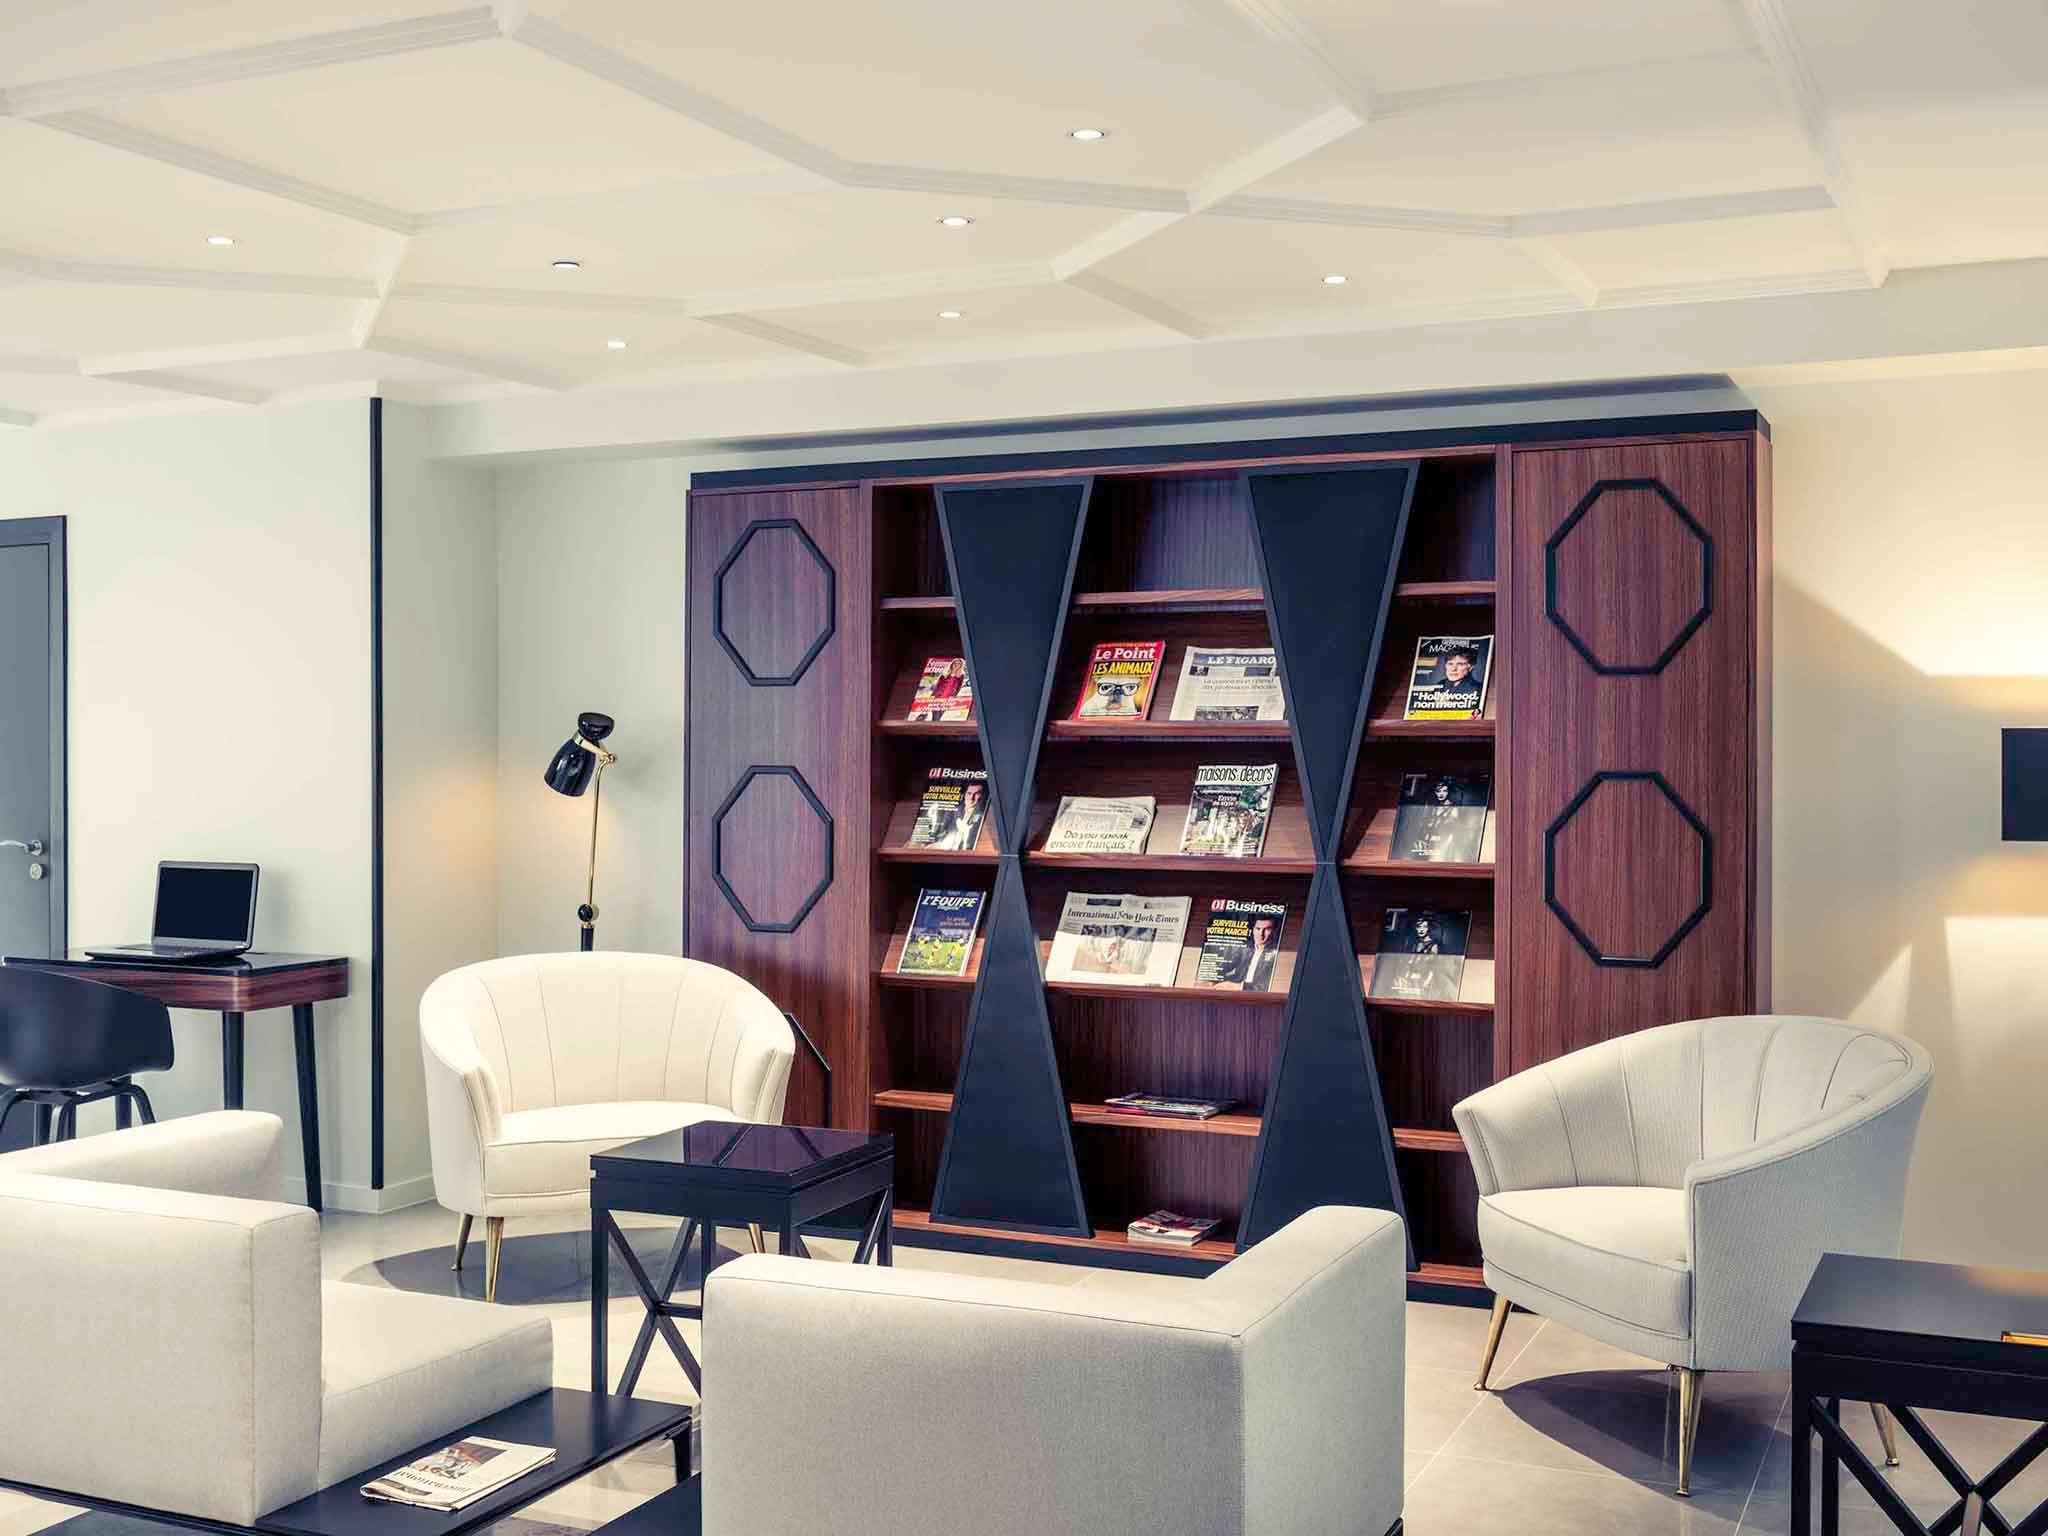 โรงแรม – โรงแรมเมอร์เคียว ปารีส อาร์ค เดอ ทริยงฟ์ วากราม